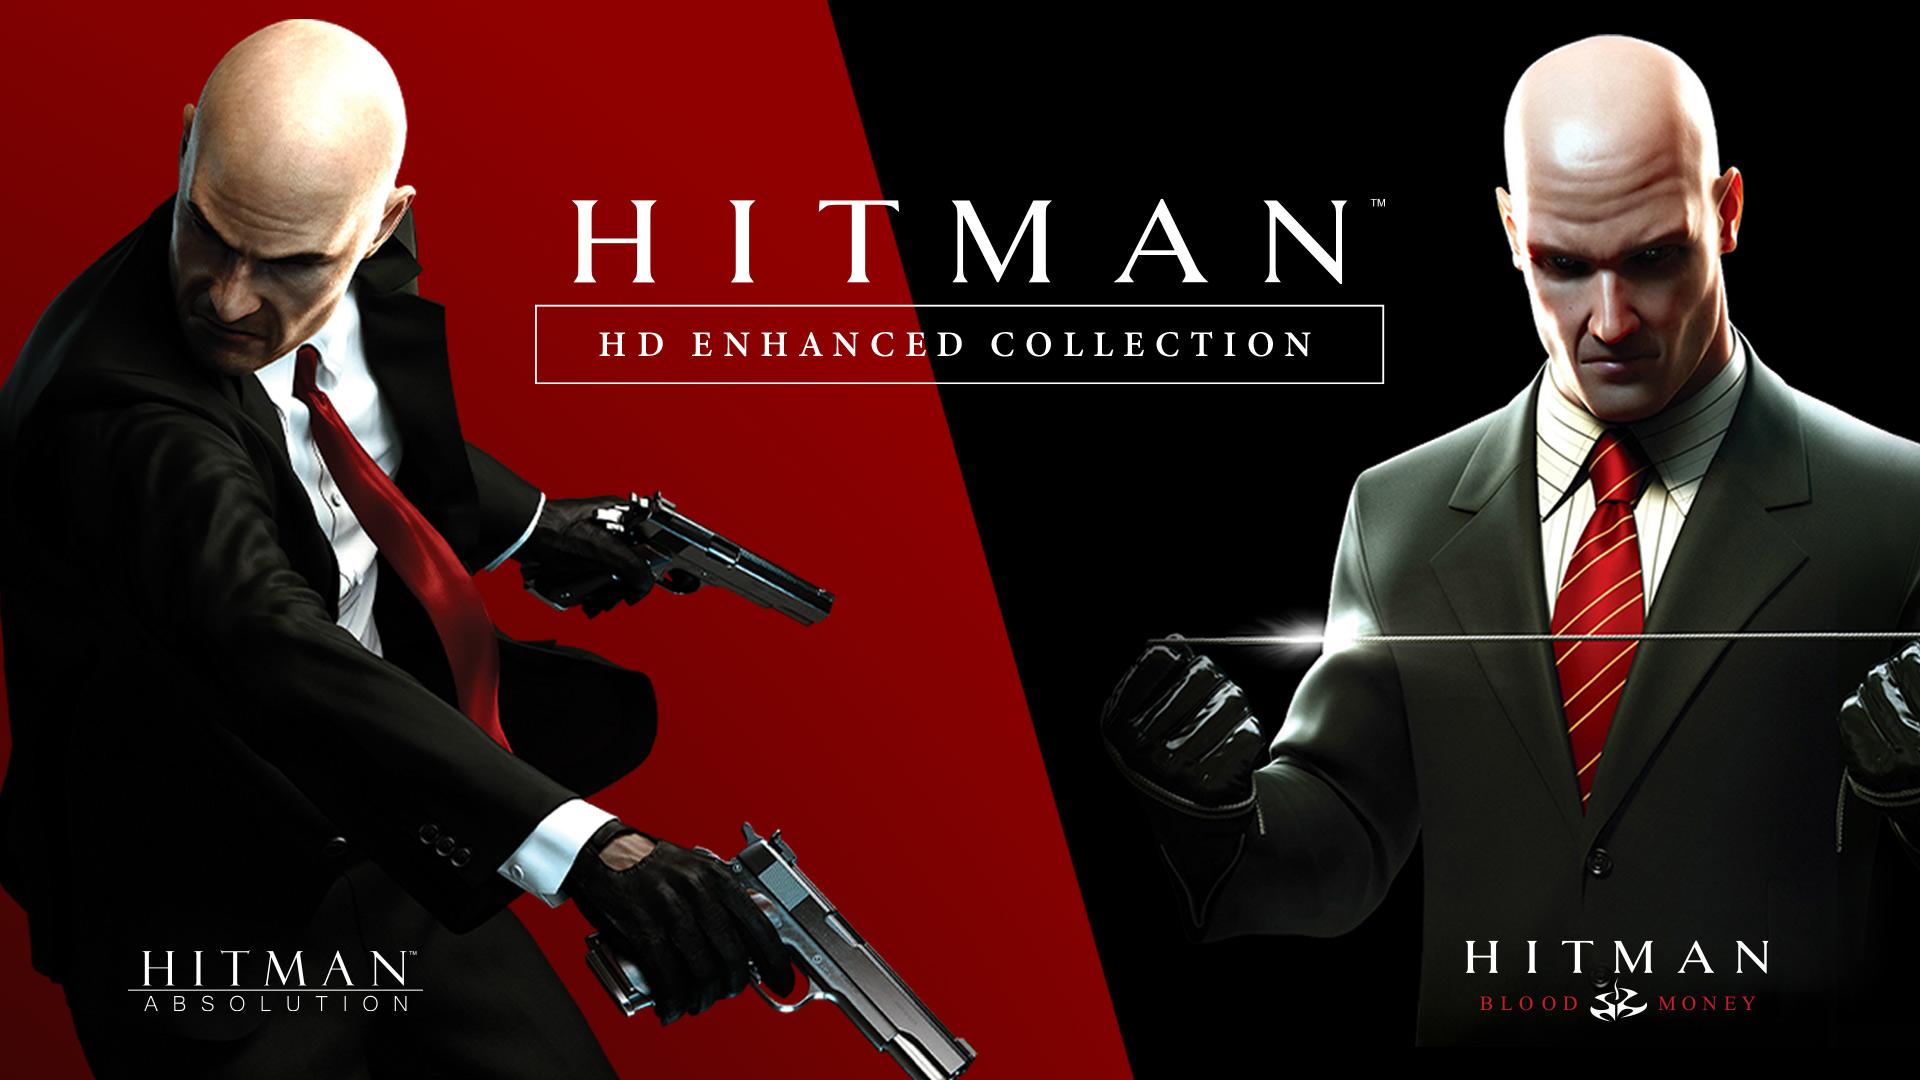 Hitman HD Enhanced Collection é anunciado e traz dois clássicos em 4K/60fps  | Voxel